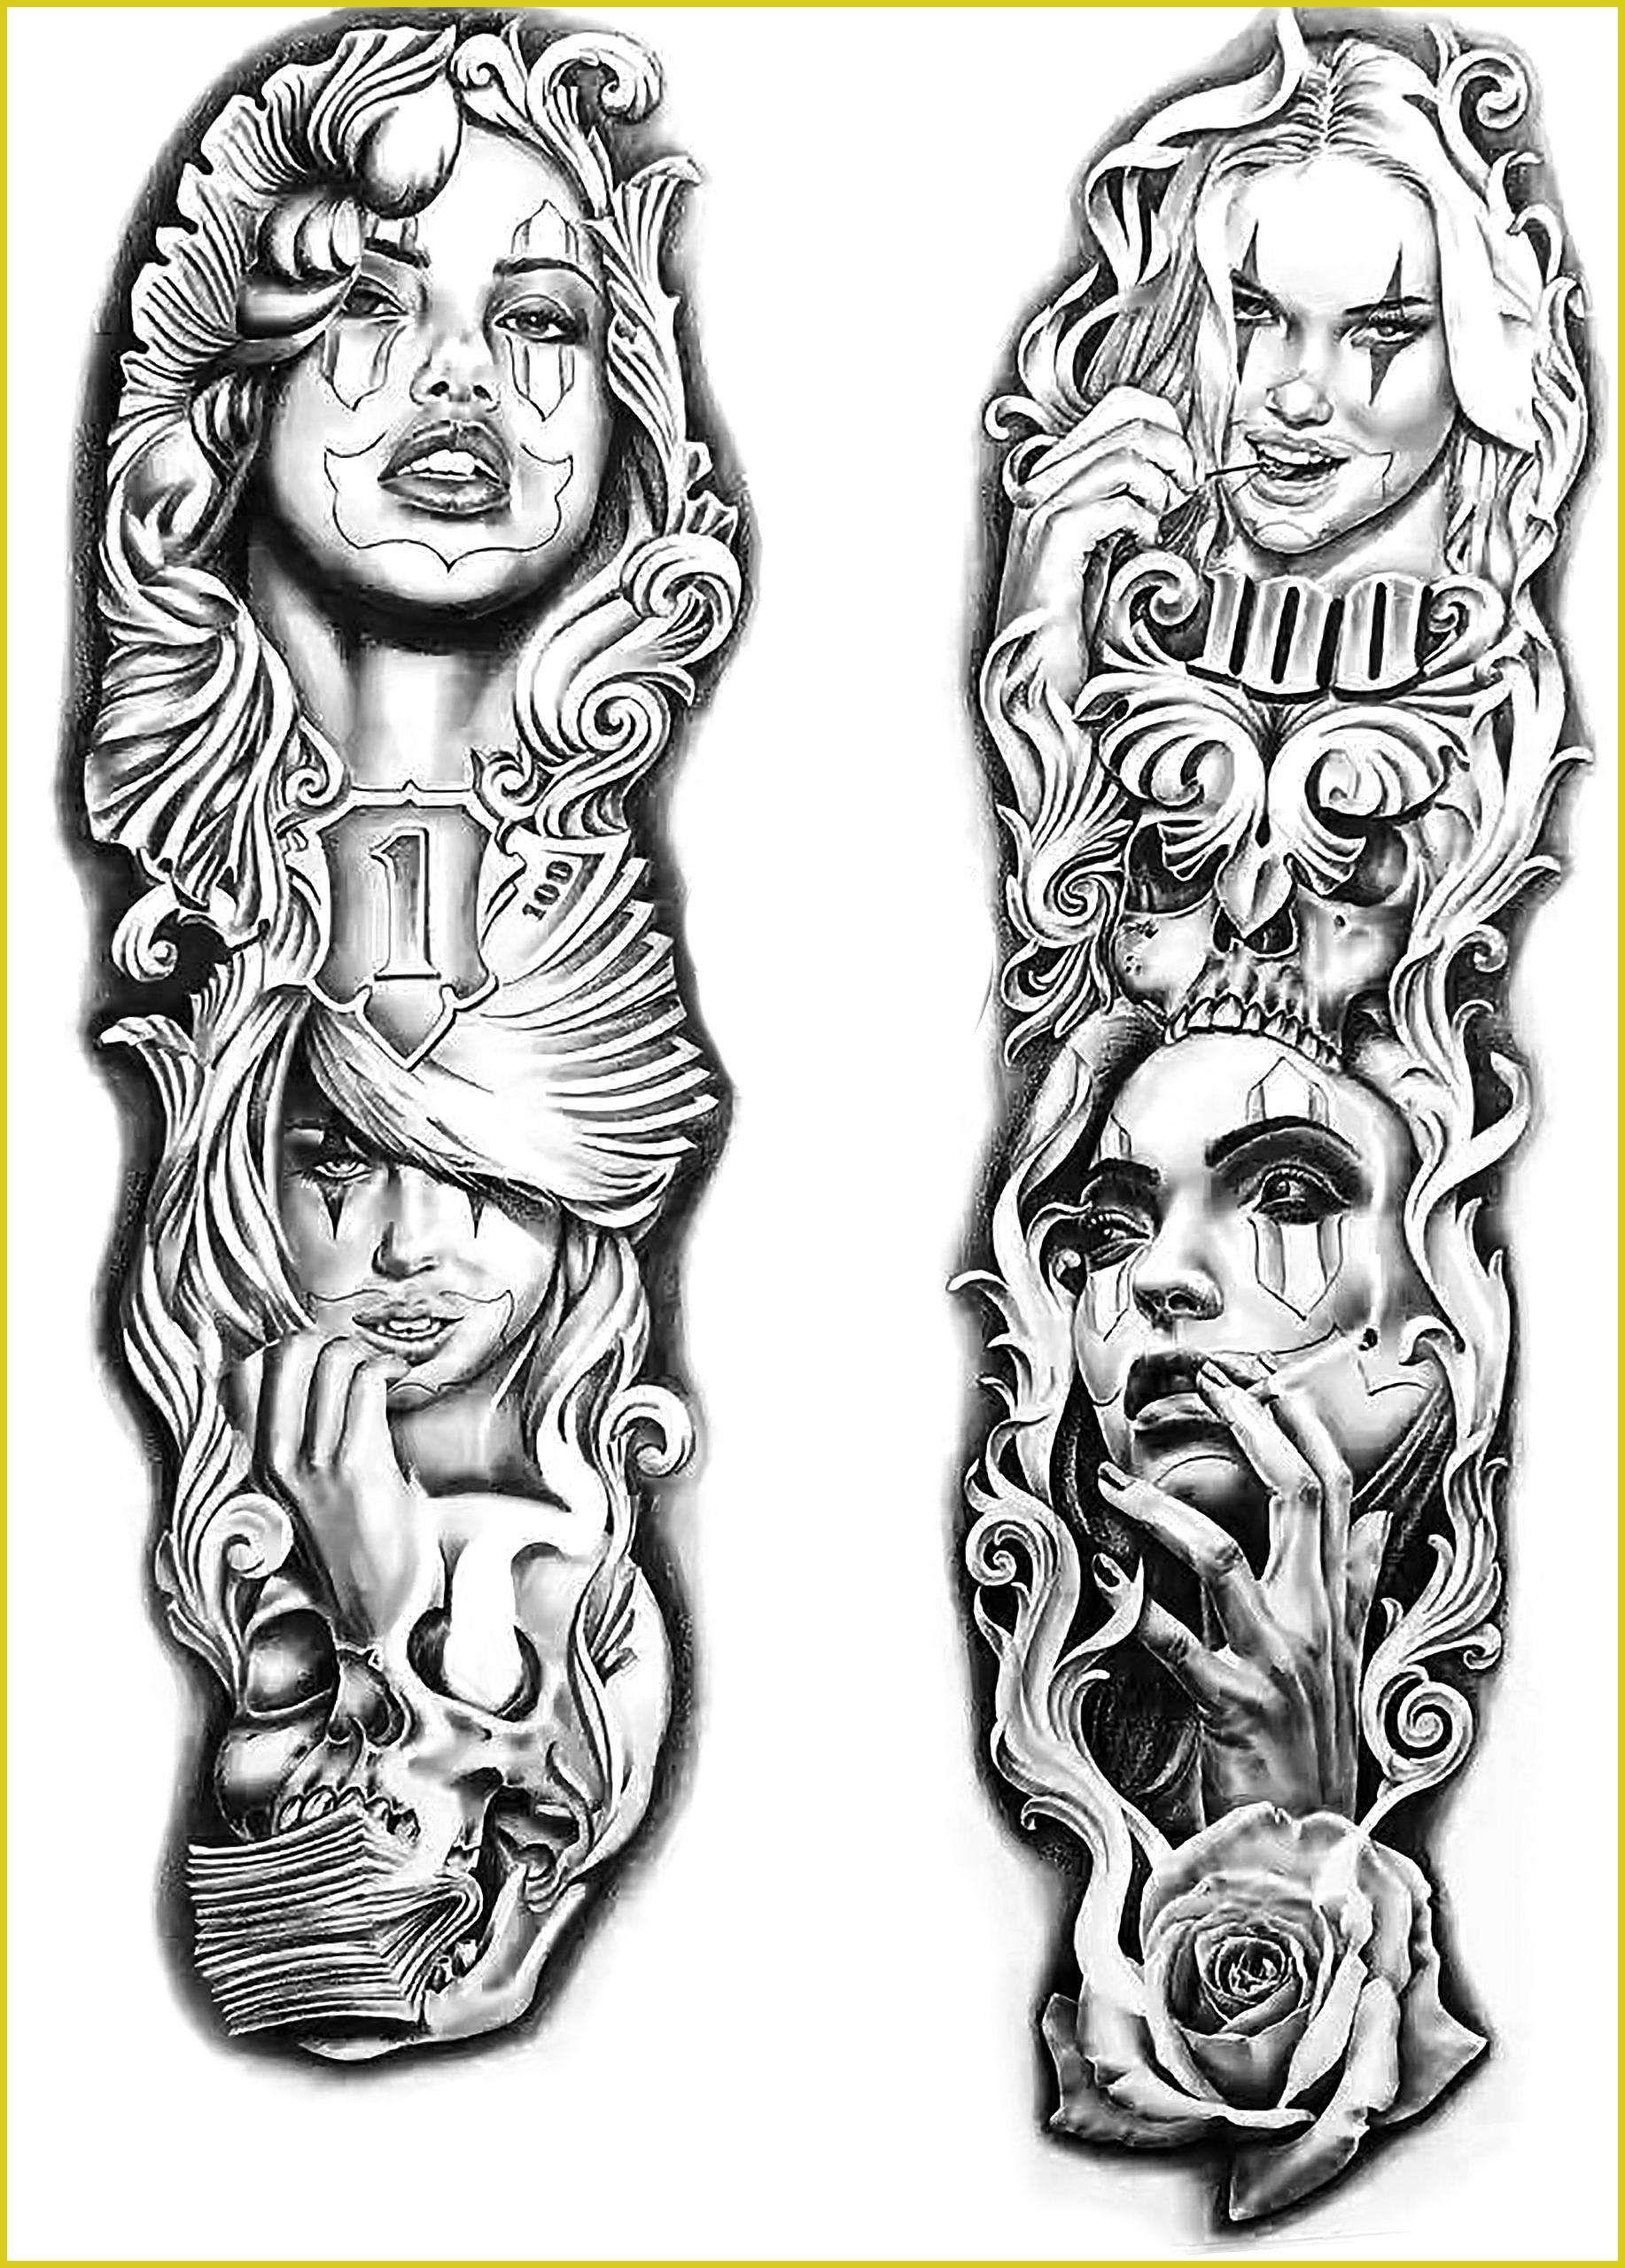 Designstattoodragon Designstattooskull Informationen Zu Notitle Pin Sie Konnen Mein P In 2020 Chicano Art Tattoos Chicano Tattoos Sleeve Chicano Style Tattoo